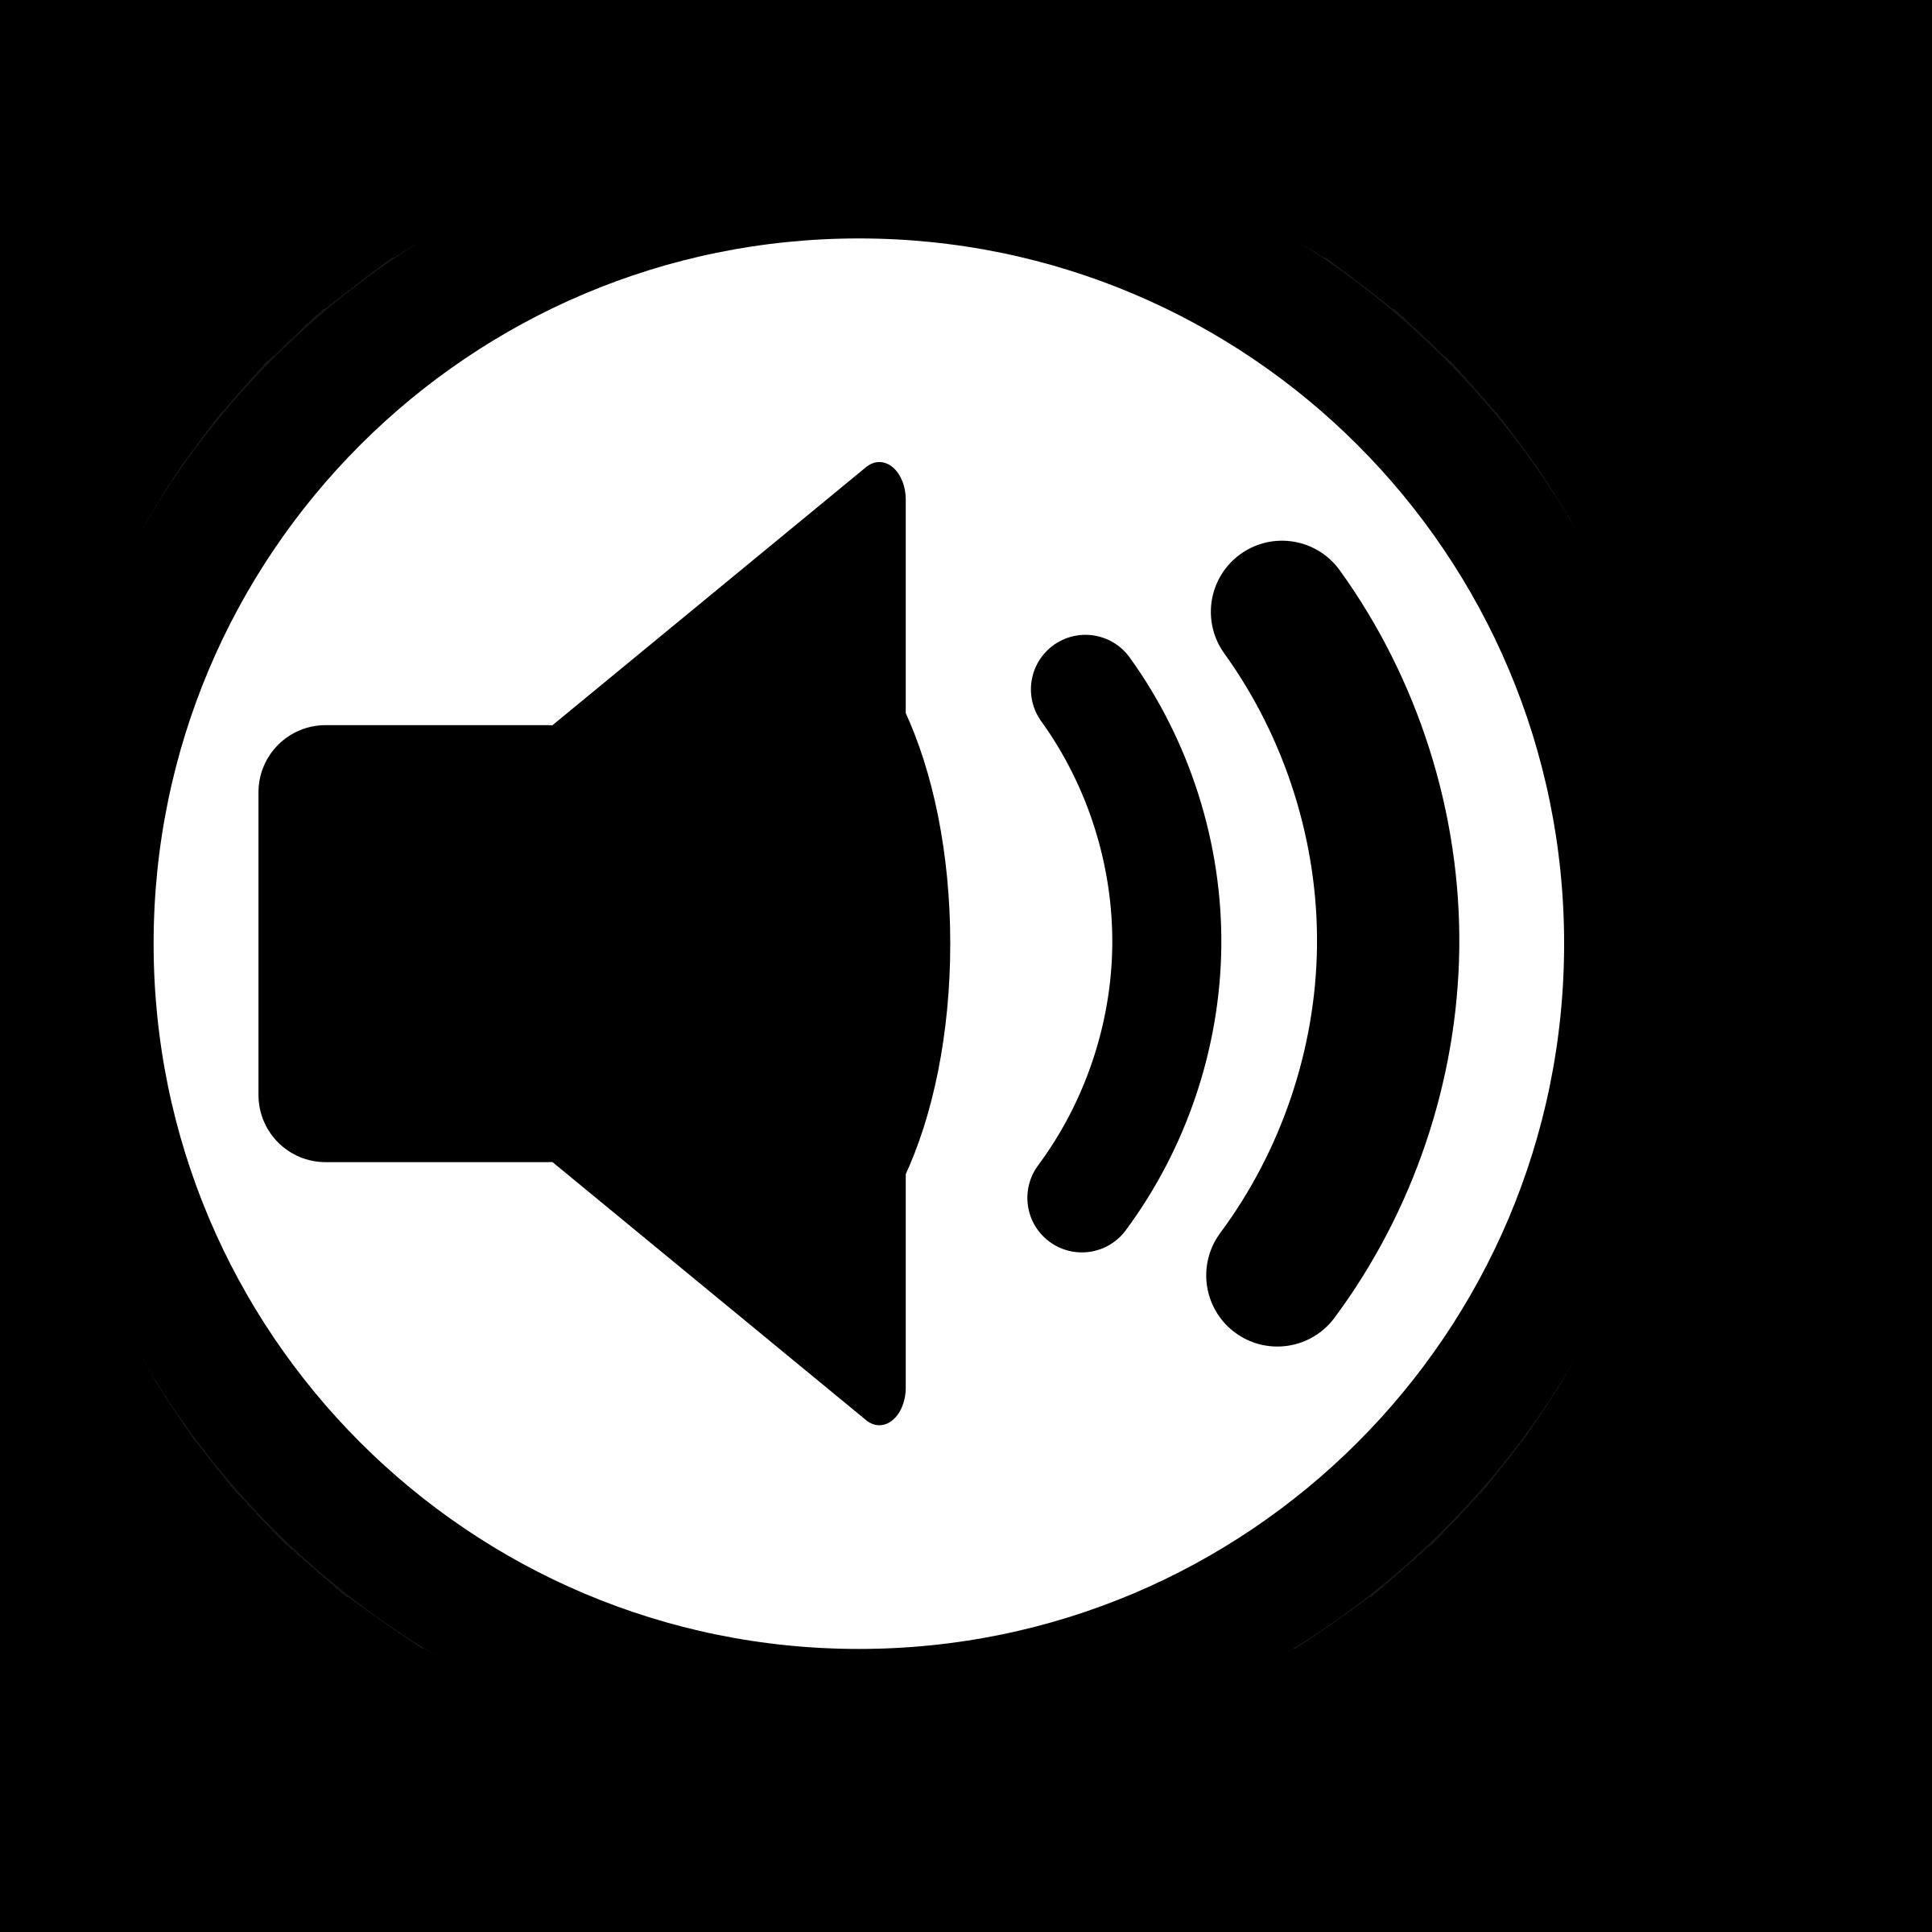 Audio clip art.